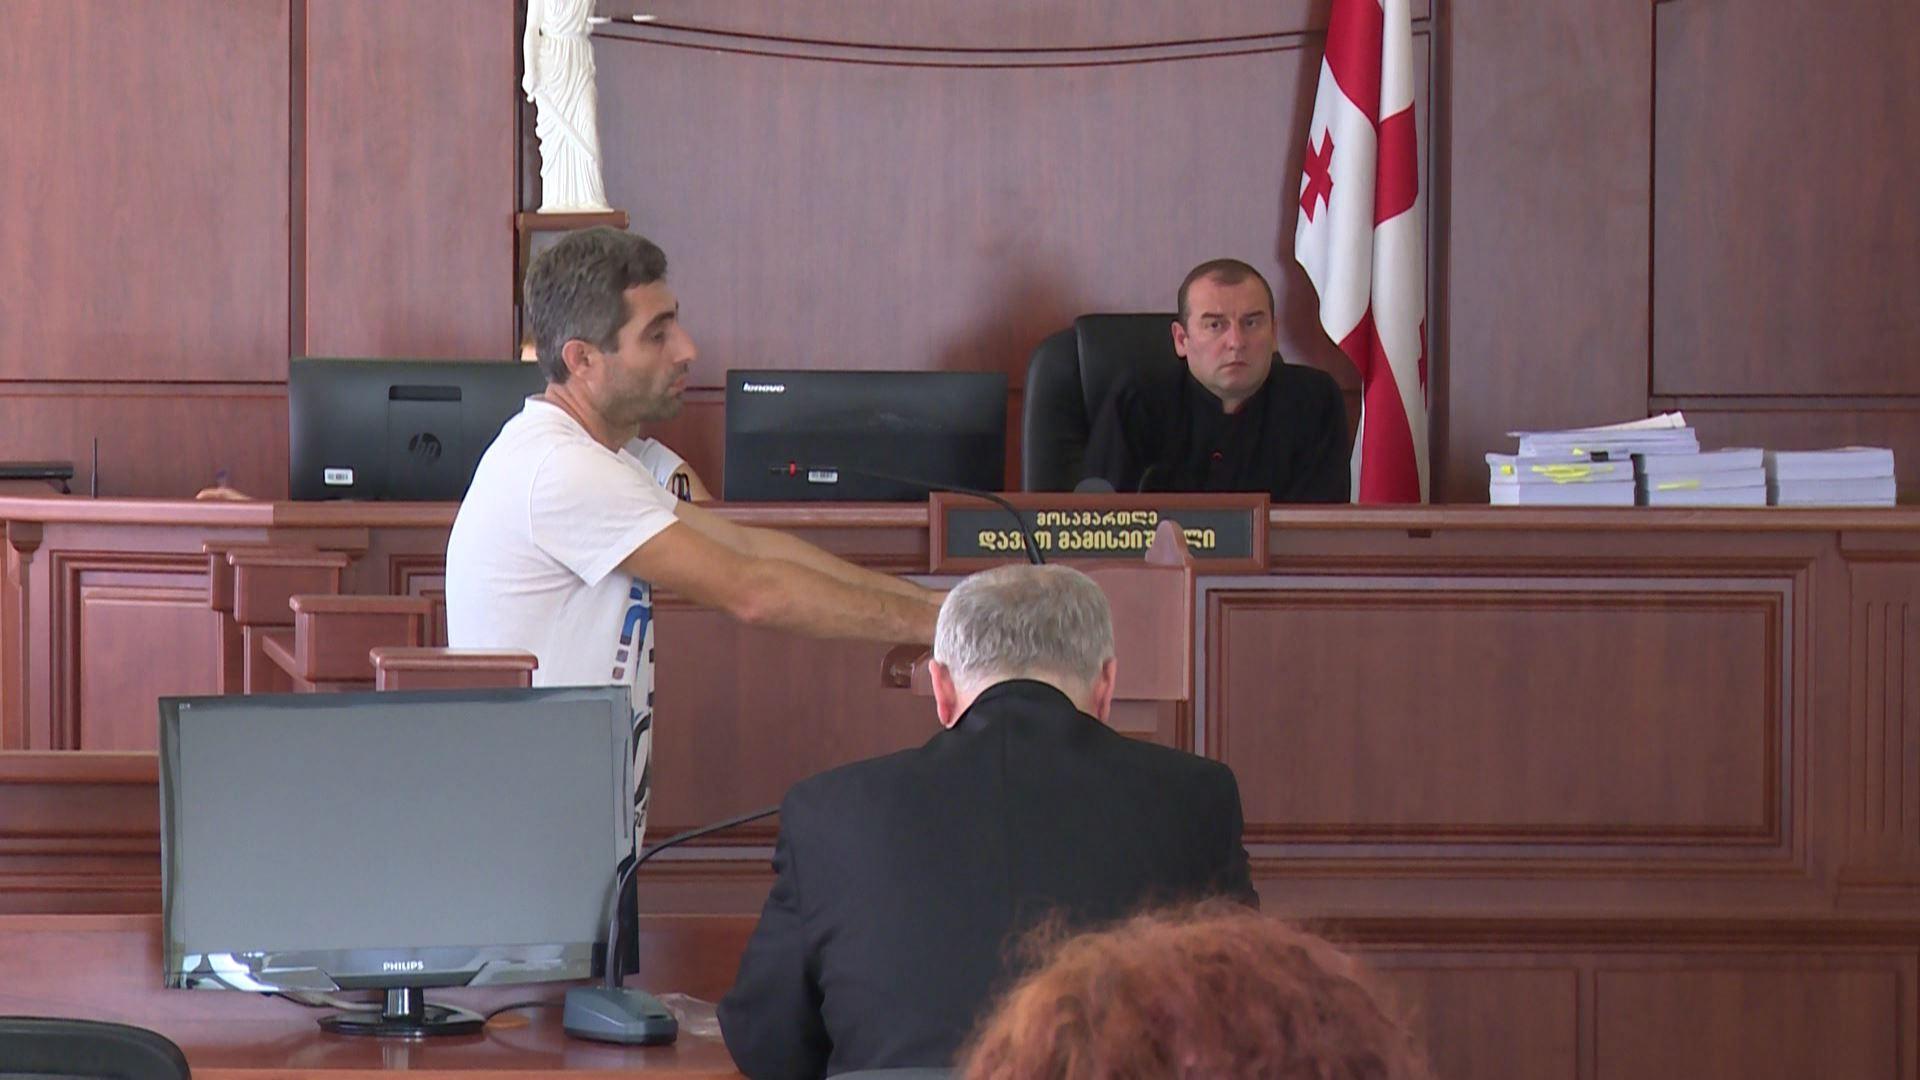 ღოღობერიძე-ჩხვირკიას სასამართლო პროცესი  დეტექტივ-გამომძიებლები იკითხებიან